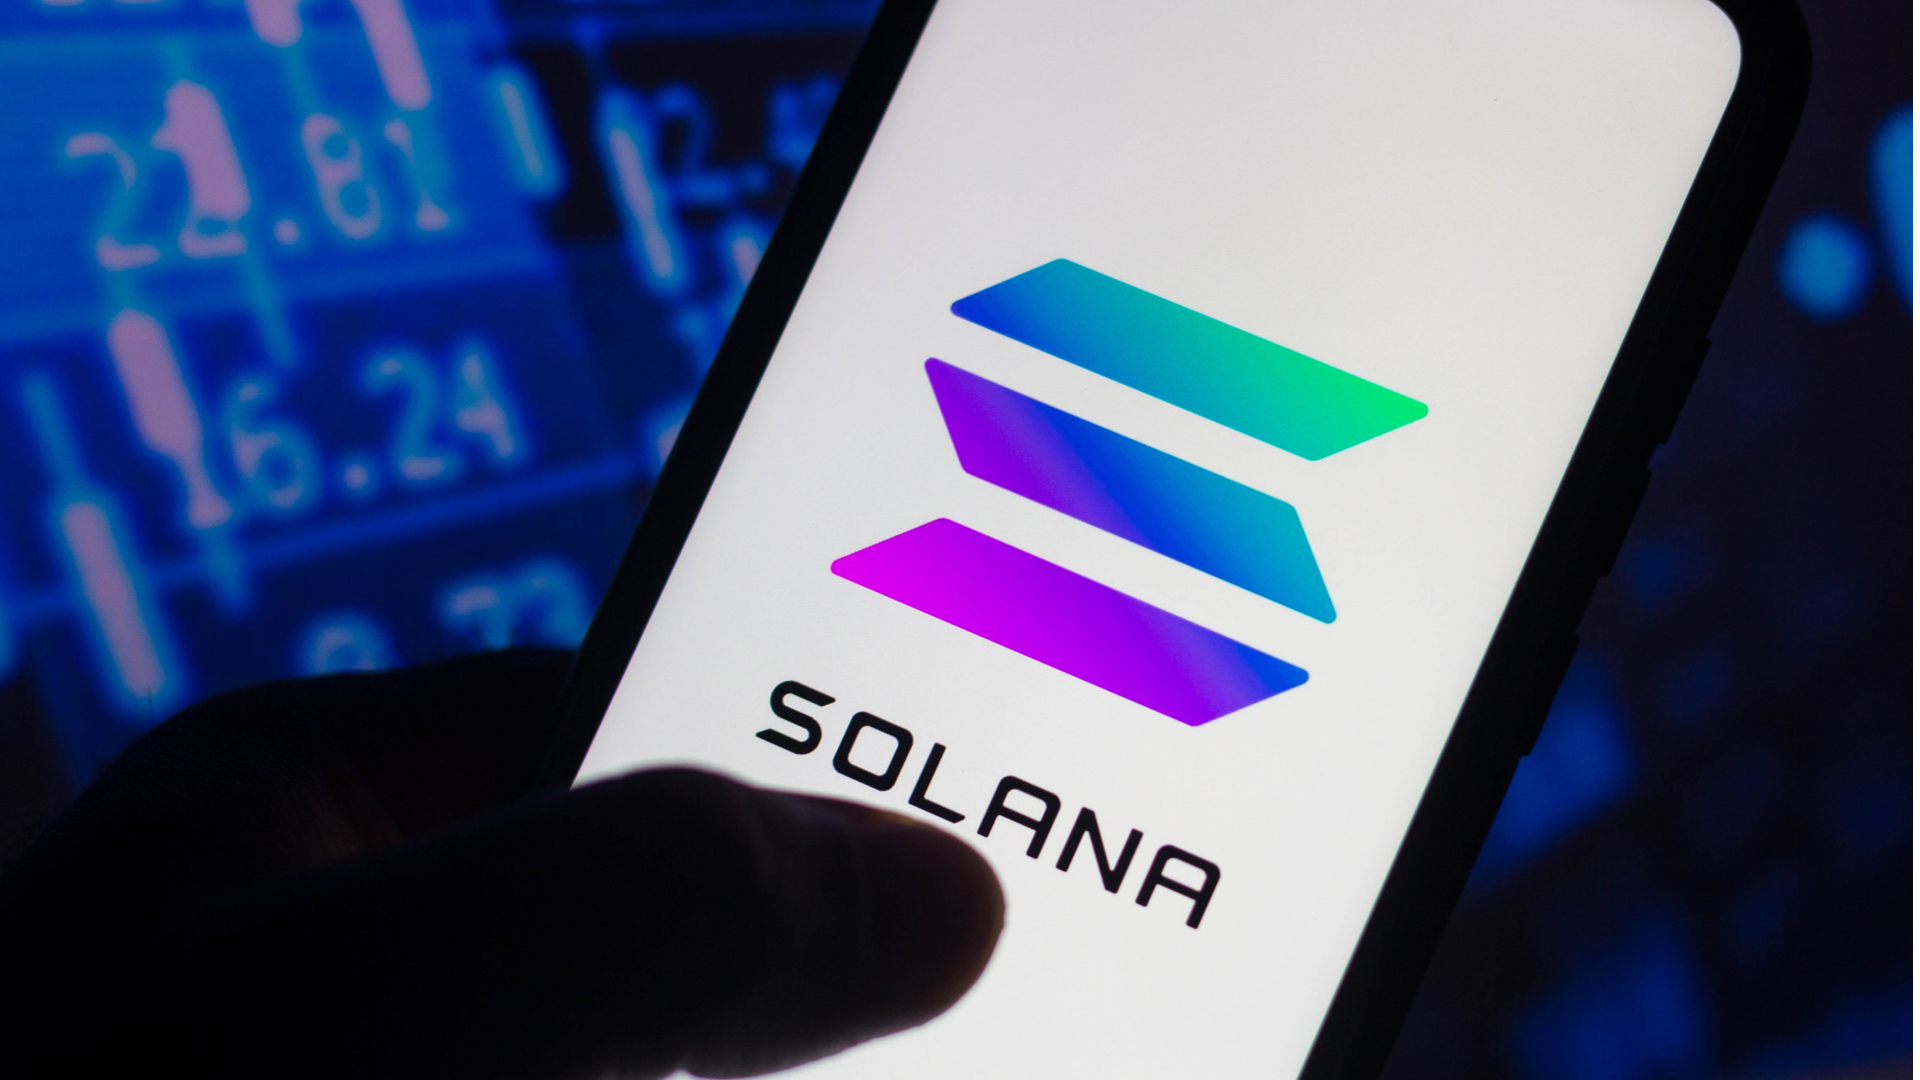 Mesmo após travar, Solana continua registrando maior valorização do ano